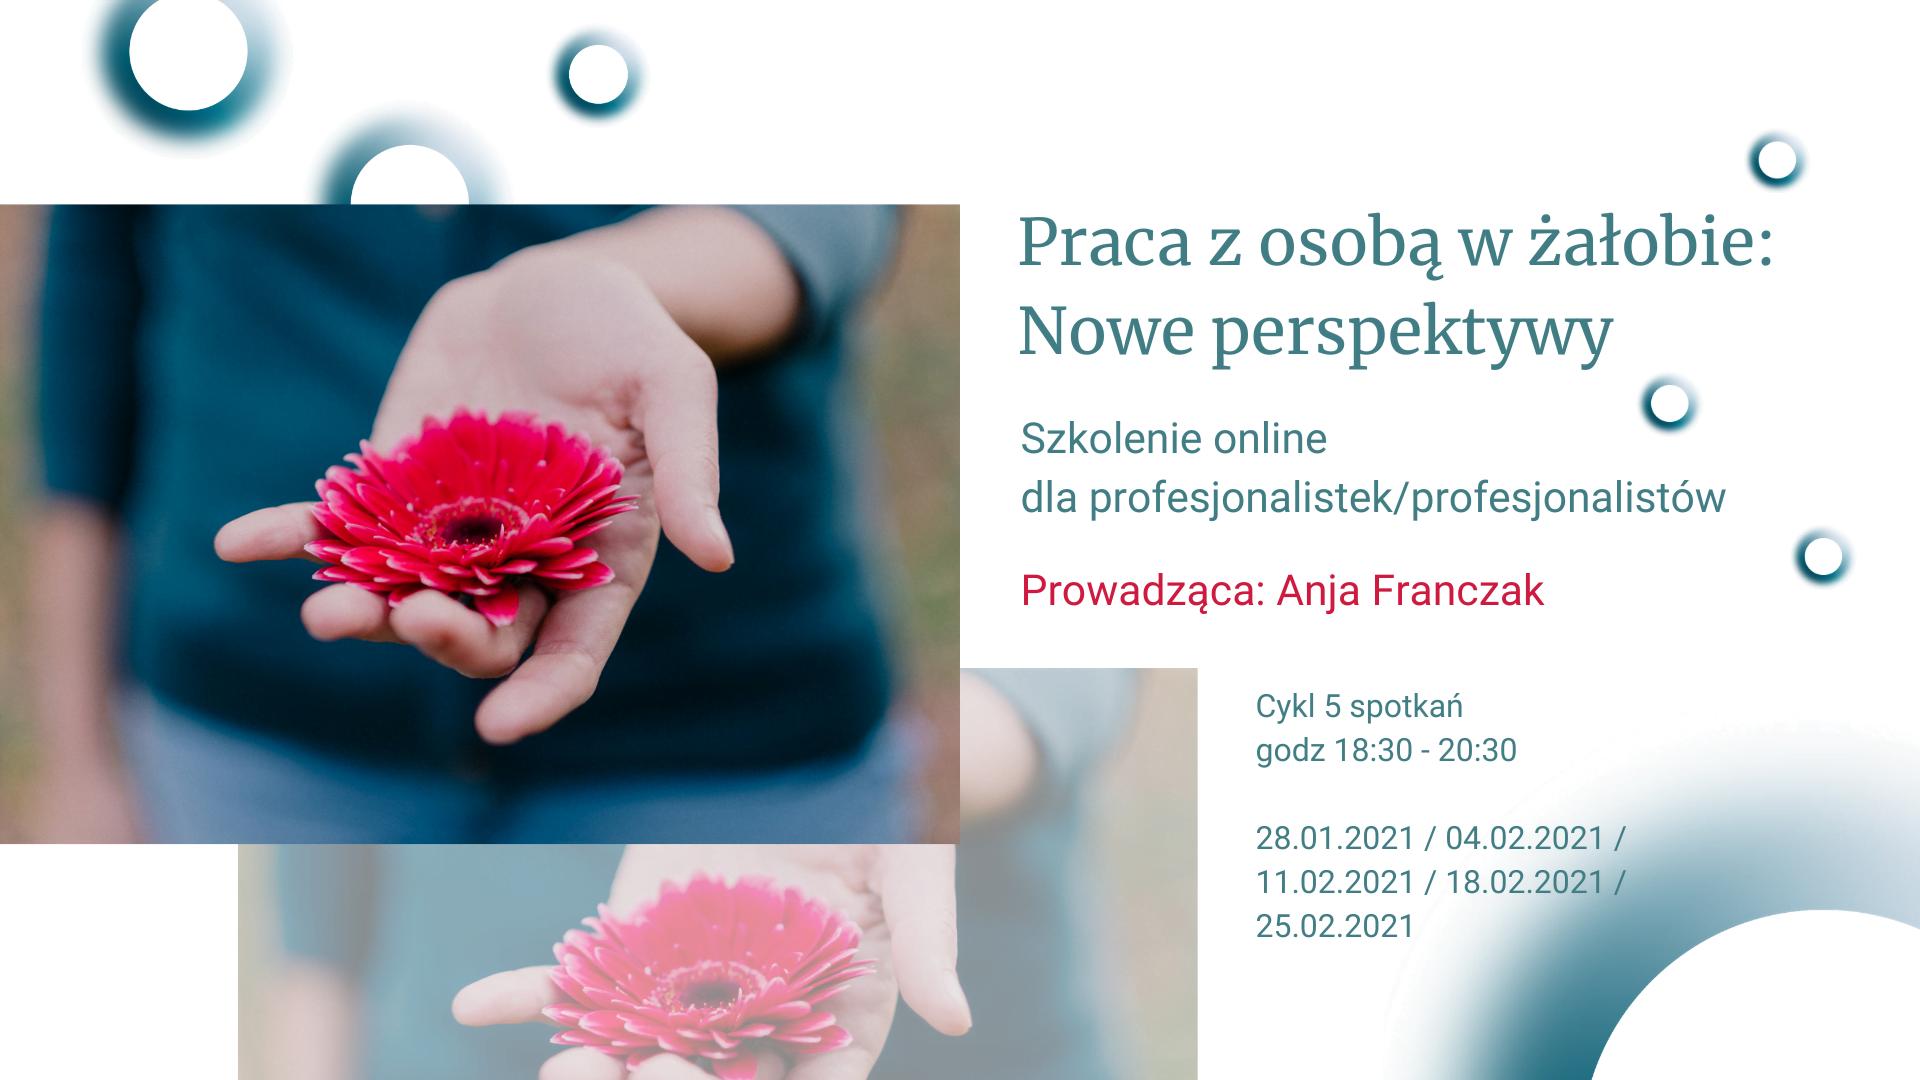 Praca z osobą w żałobie - Szkolenie PRO